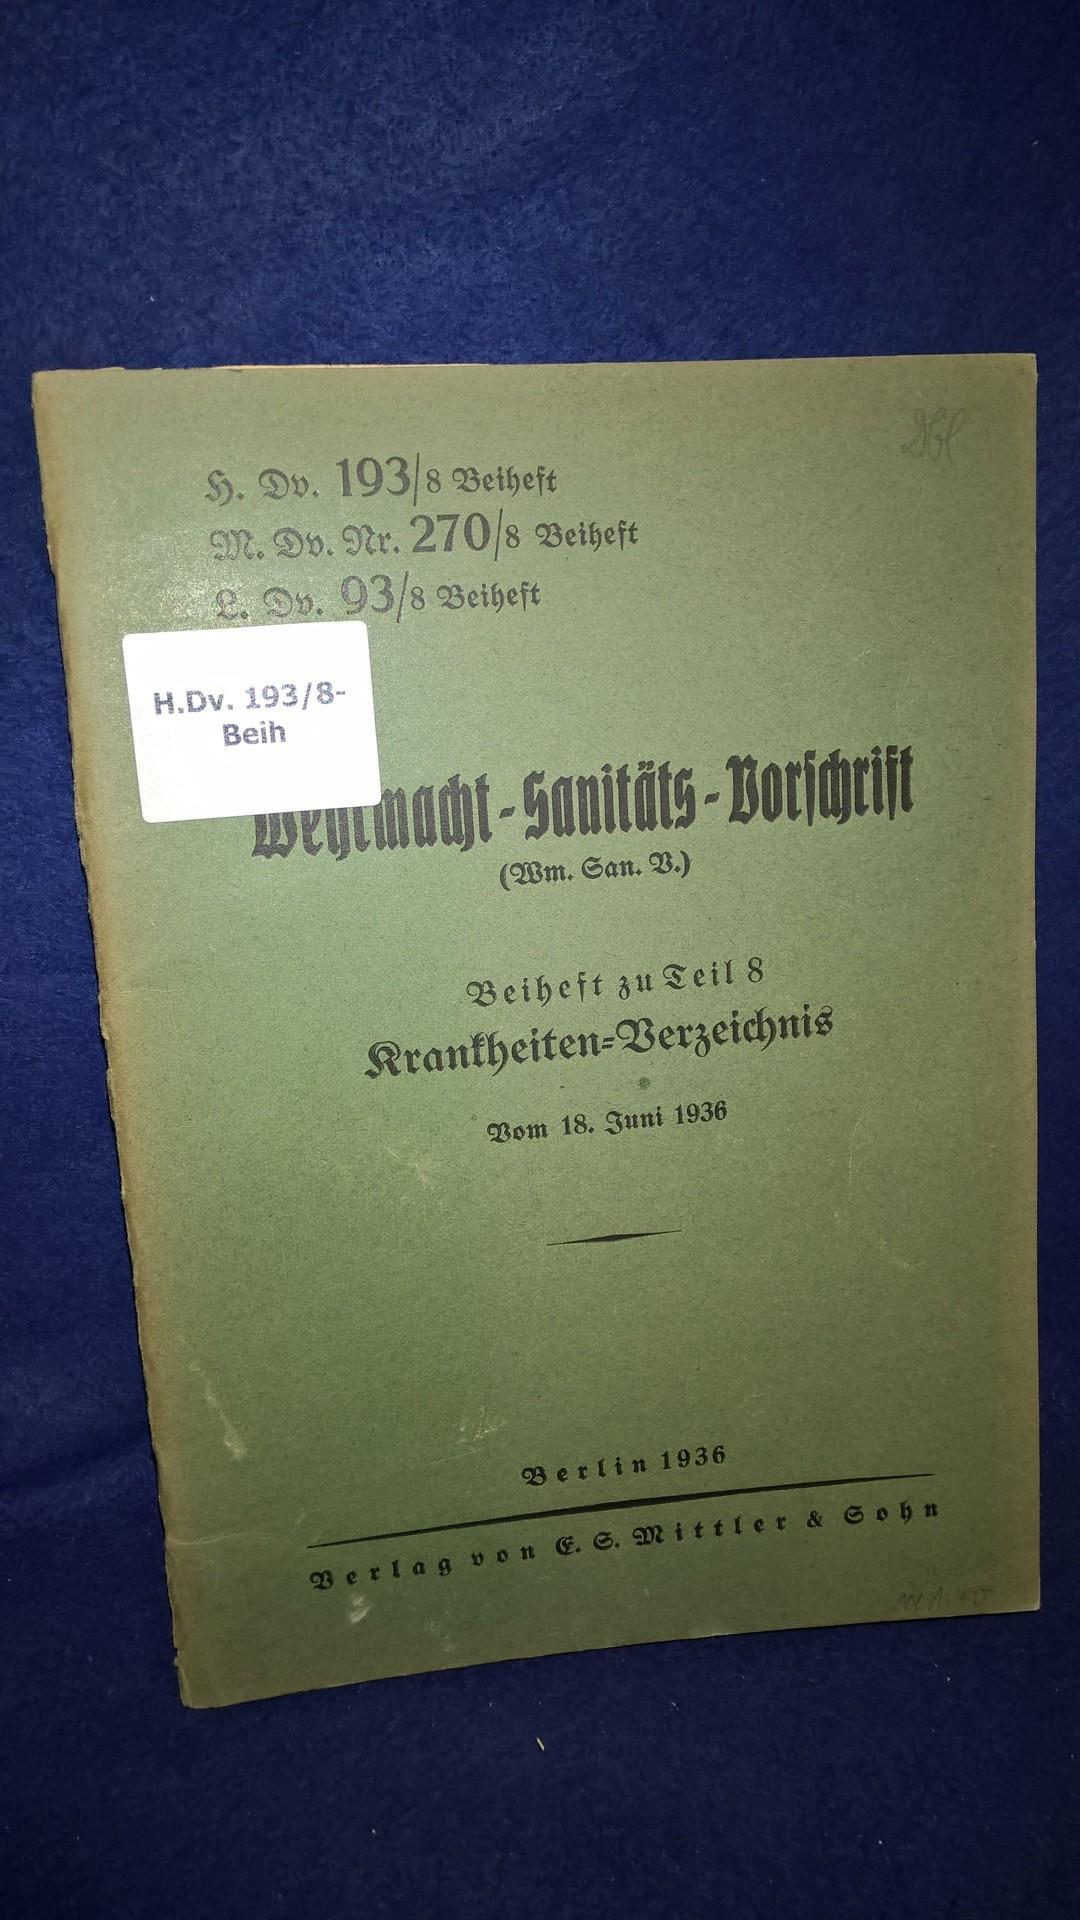 H.Dv. 193/8.Beiheft. Wehrmacht-Sanitäts-Vorschrift. Beiheft zu Teil 8: Krankheiten-Verzeichnis